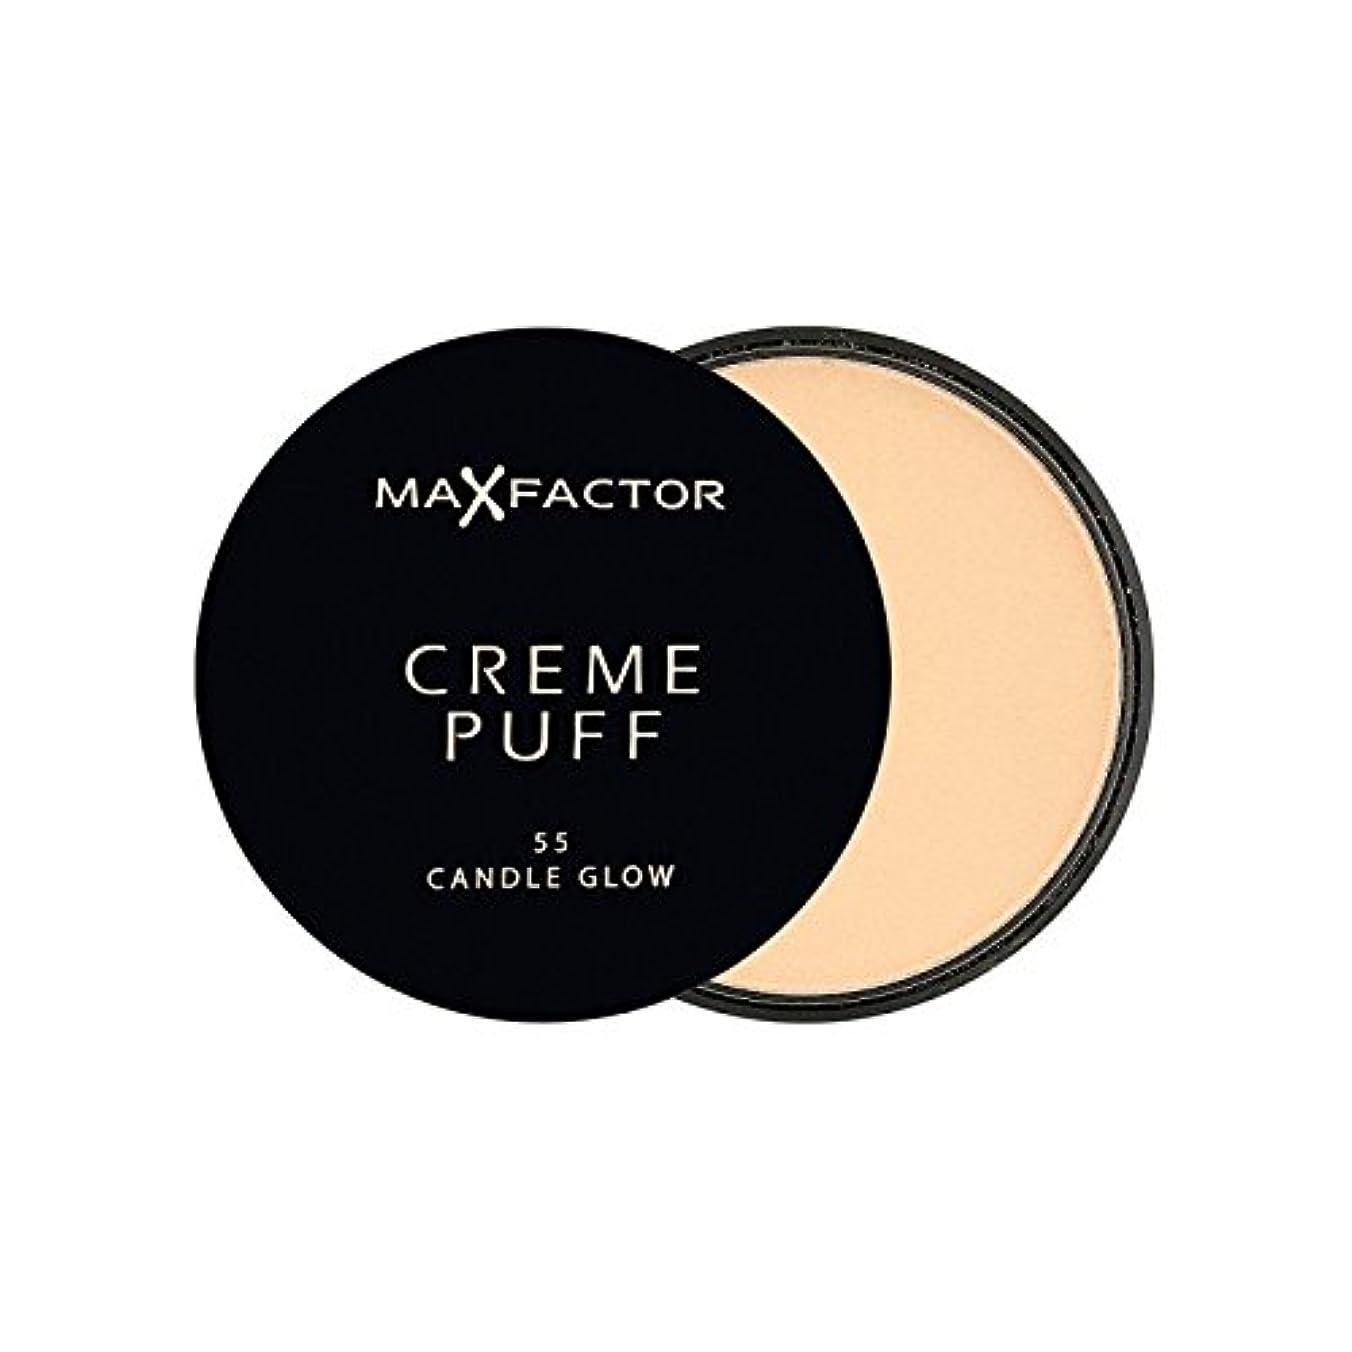 雑品外科医頬マックスファクタークリームパフパウダーコンパクトろうそくは55グロー x2 - Max Factor Creme Puff Powder Compact Candle Glow 55 (Pack of 2) [並行輸入品]